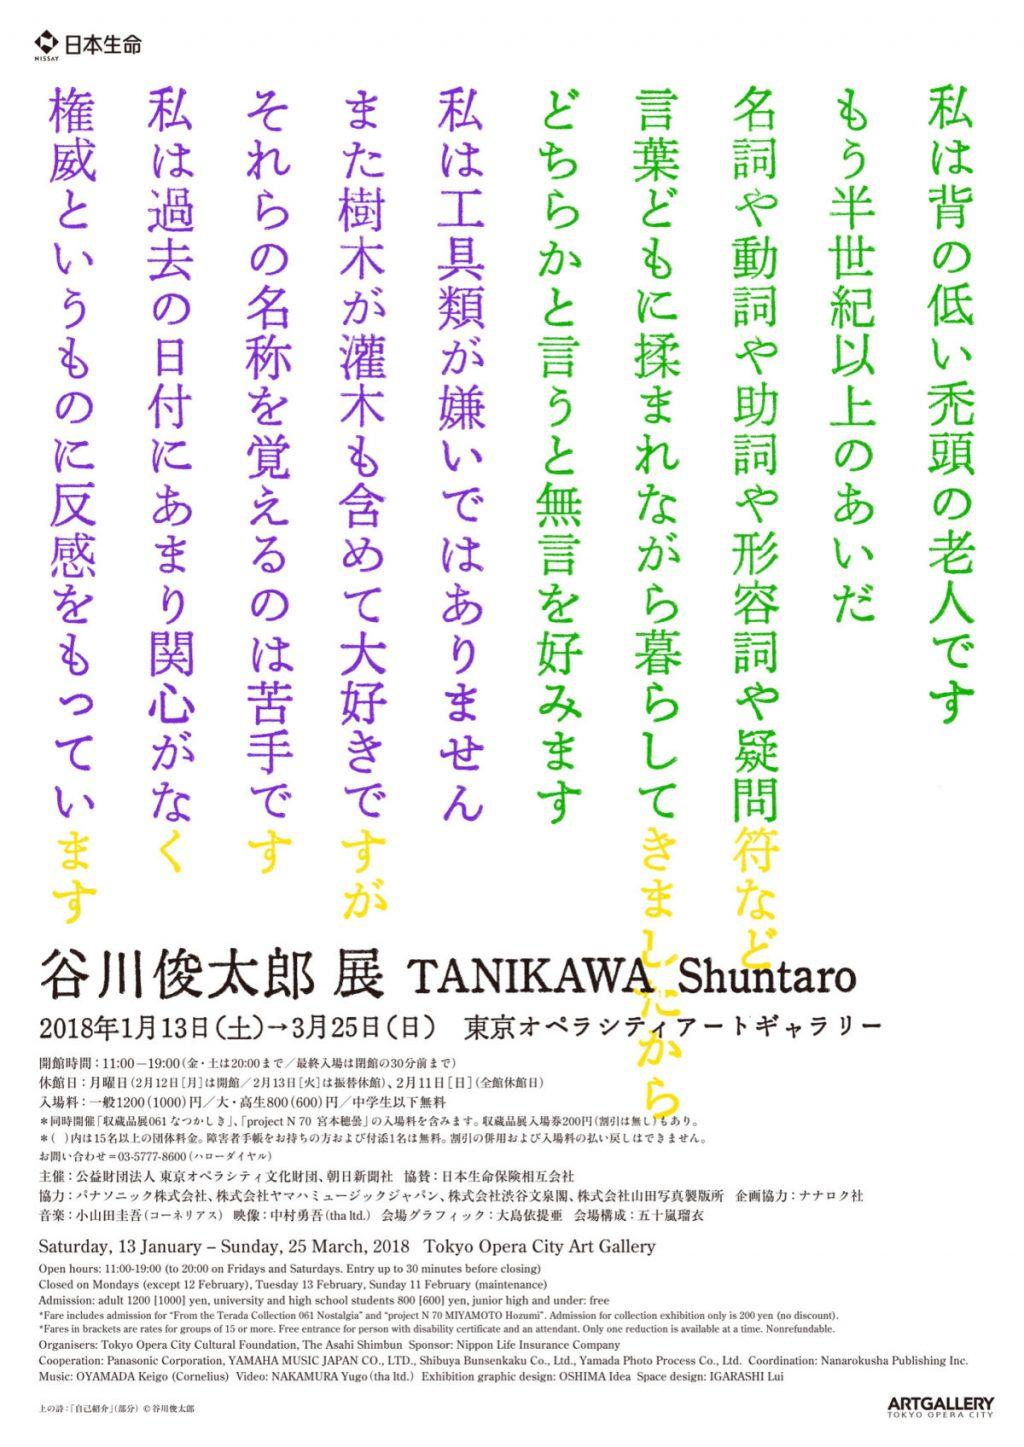 tanikawaten_fryer1